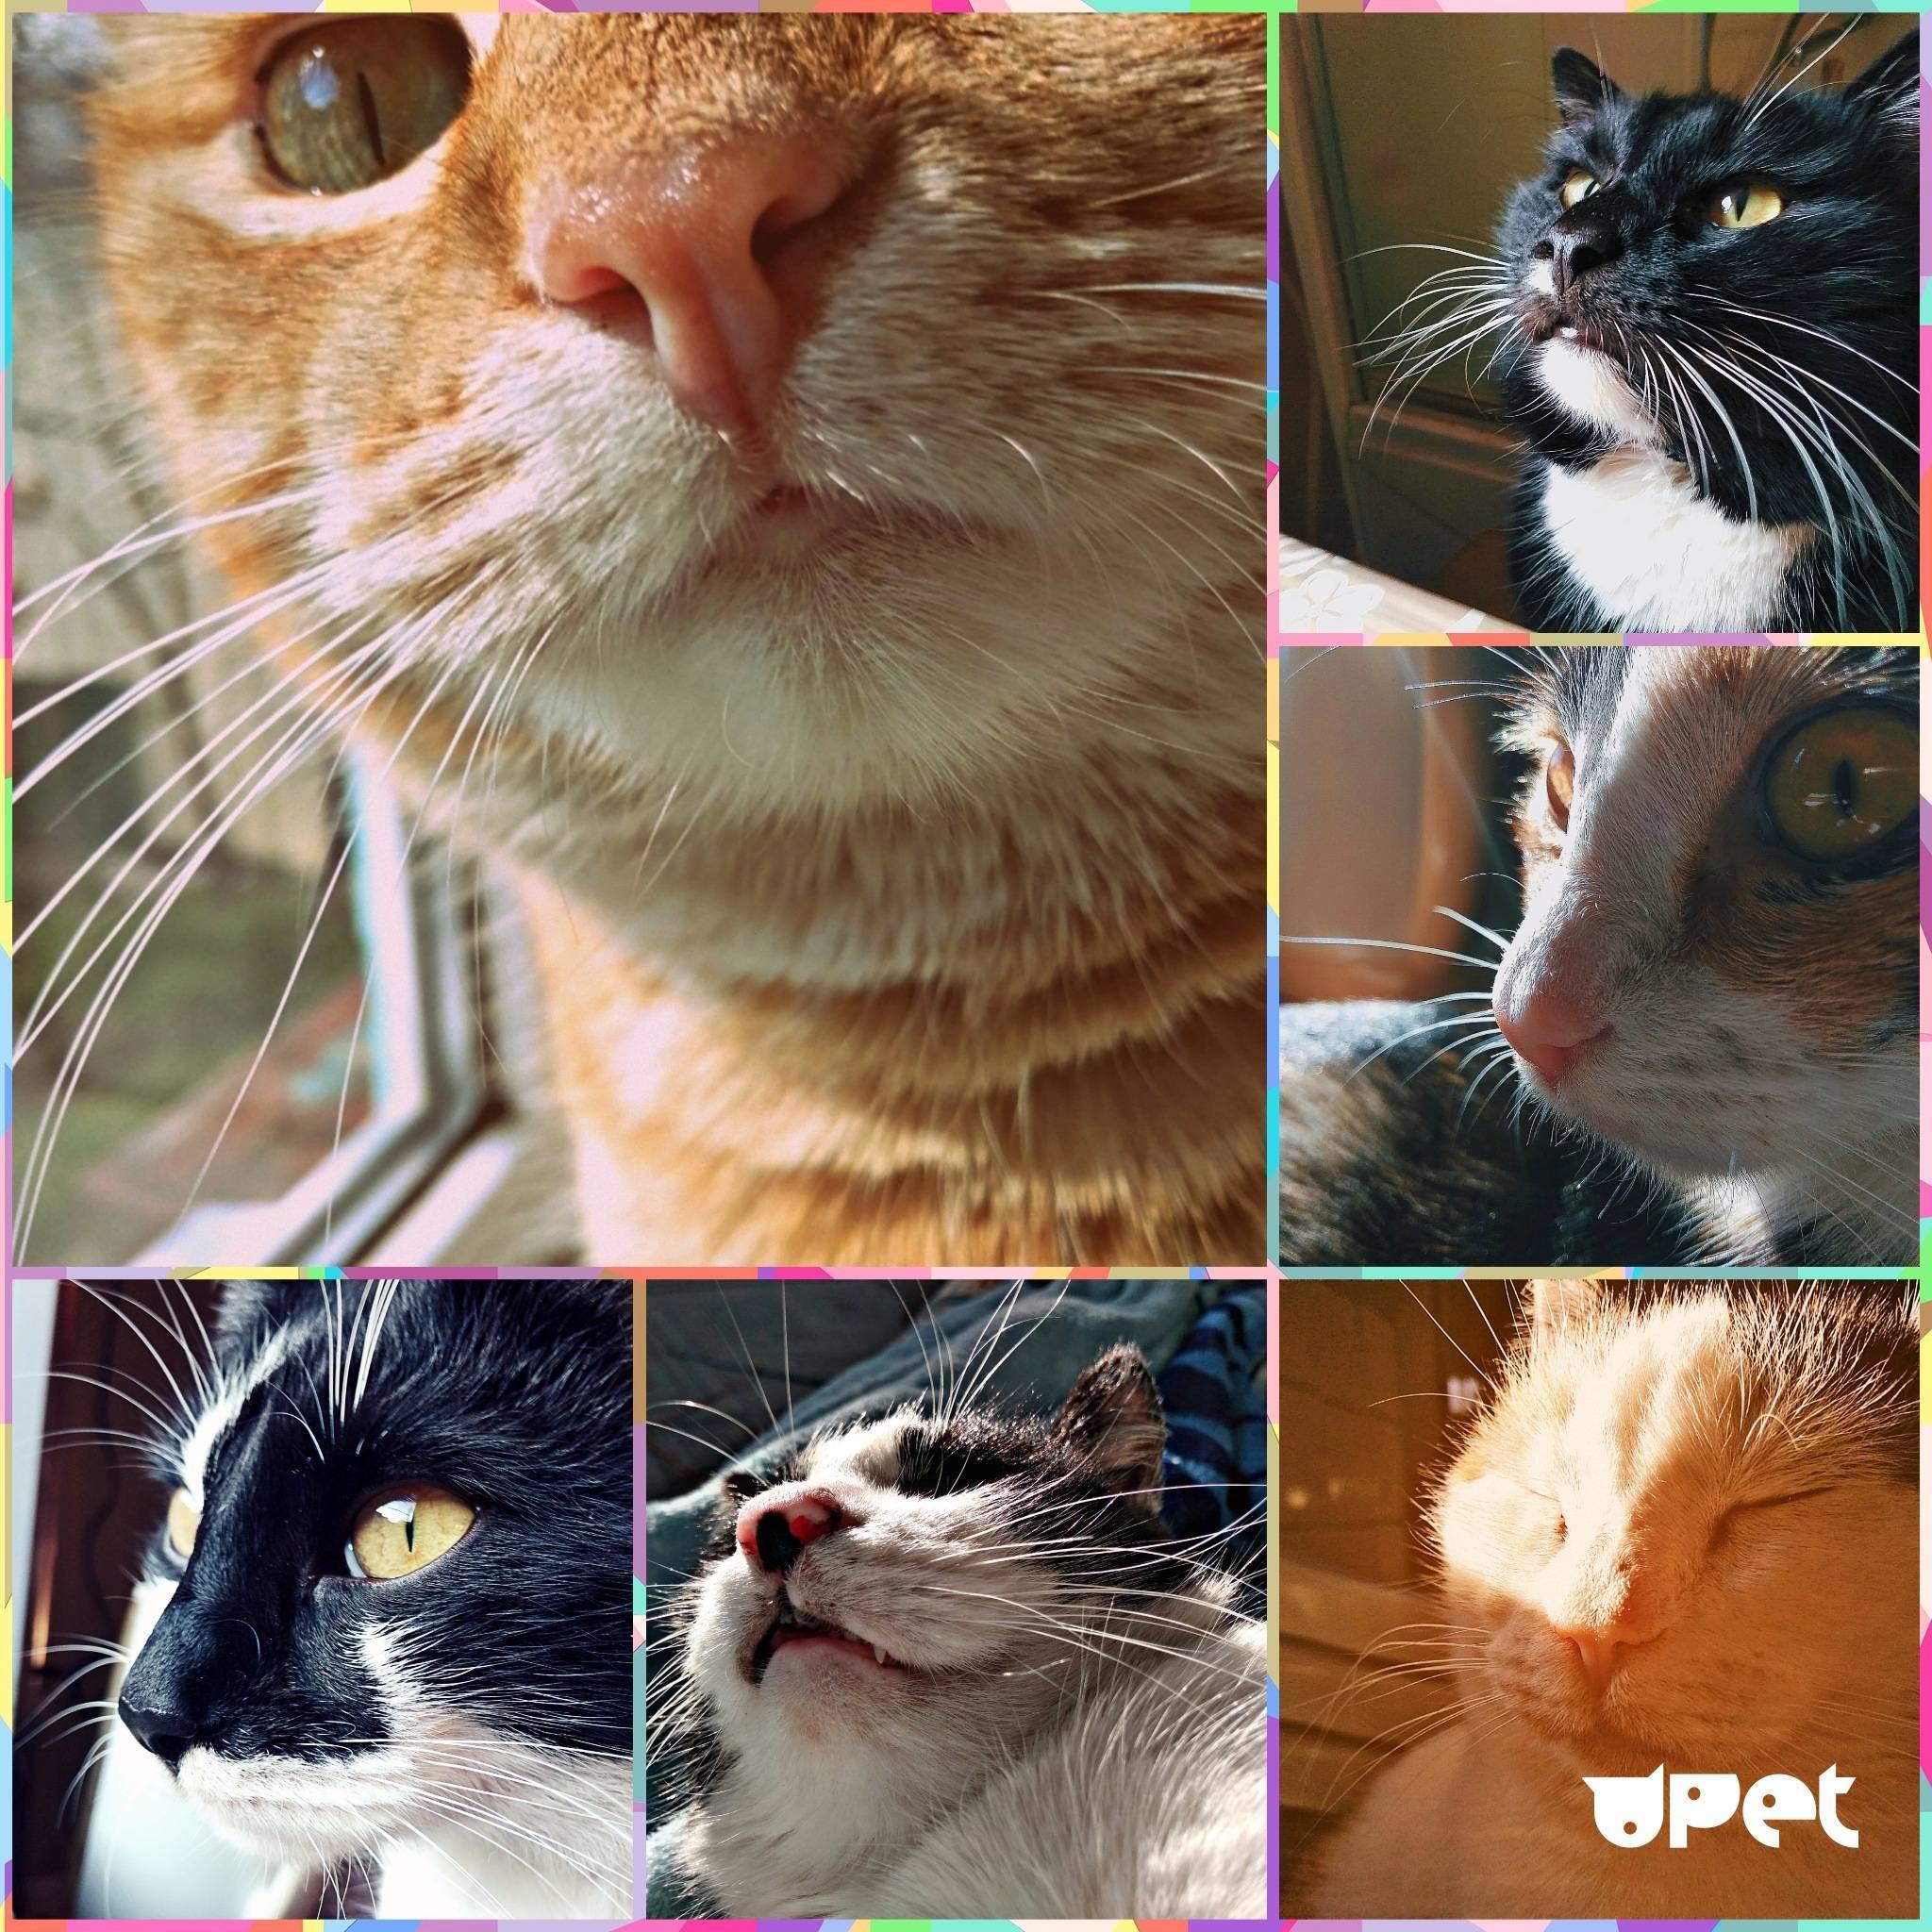 Сухой и тёплый нос у кота: здоров или болен